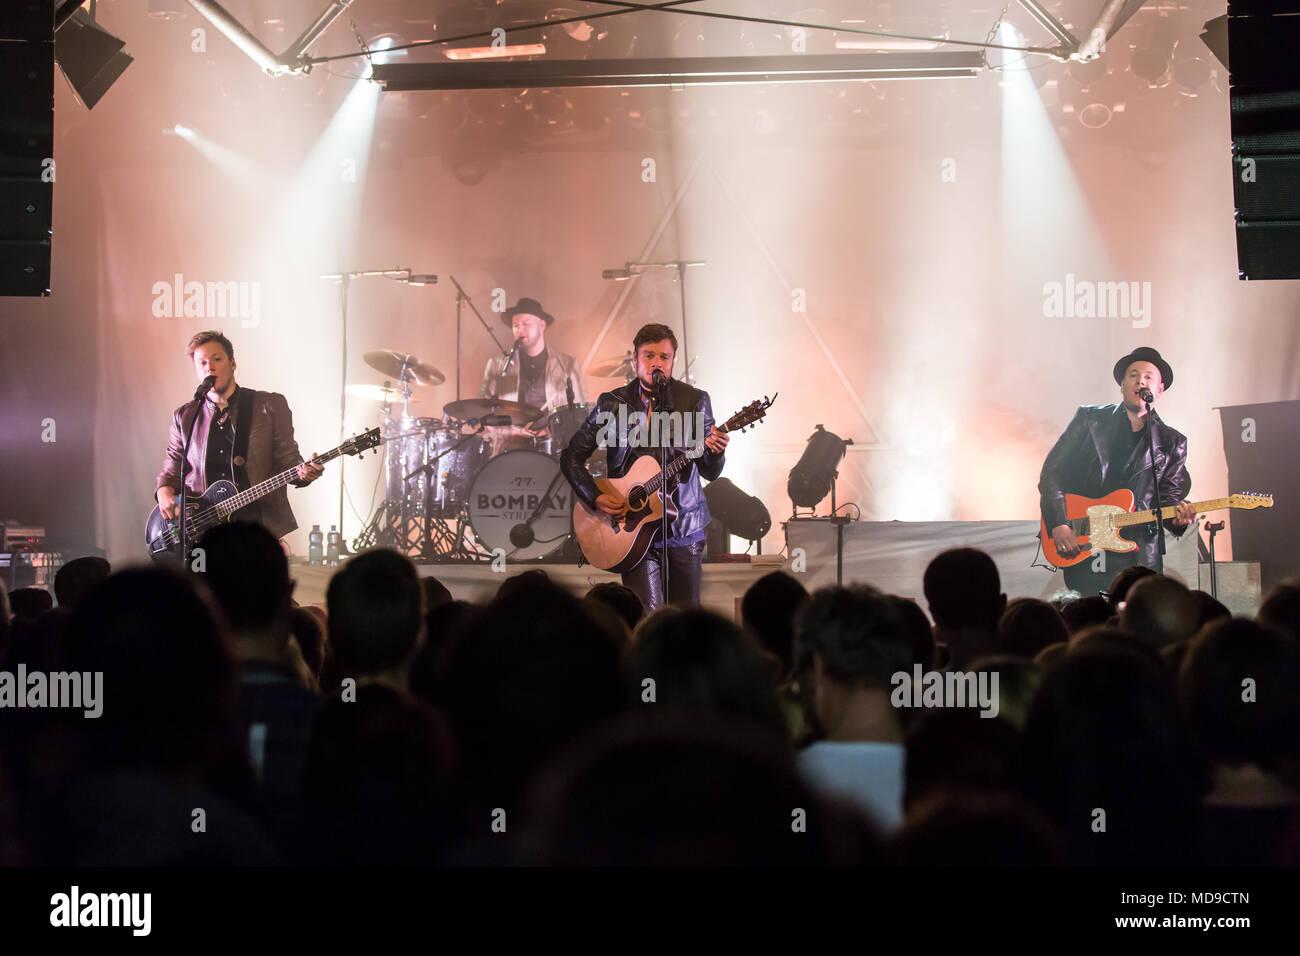 La banda musicale svizzera 77 Bombay Street live at Schüür Luzern, Svizzera Immagini Stock